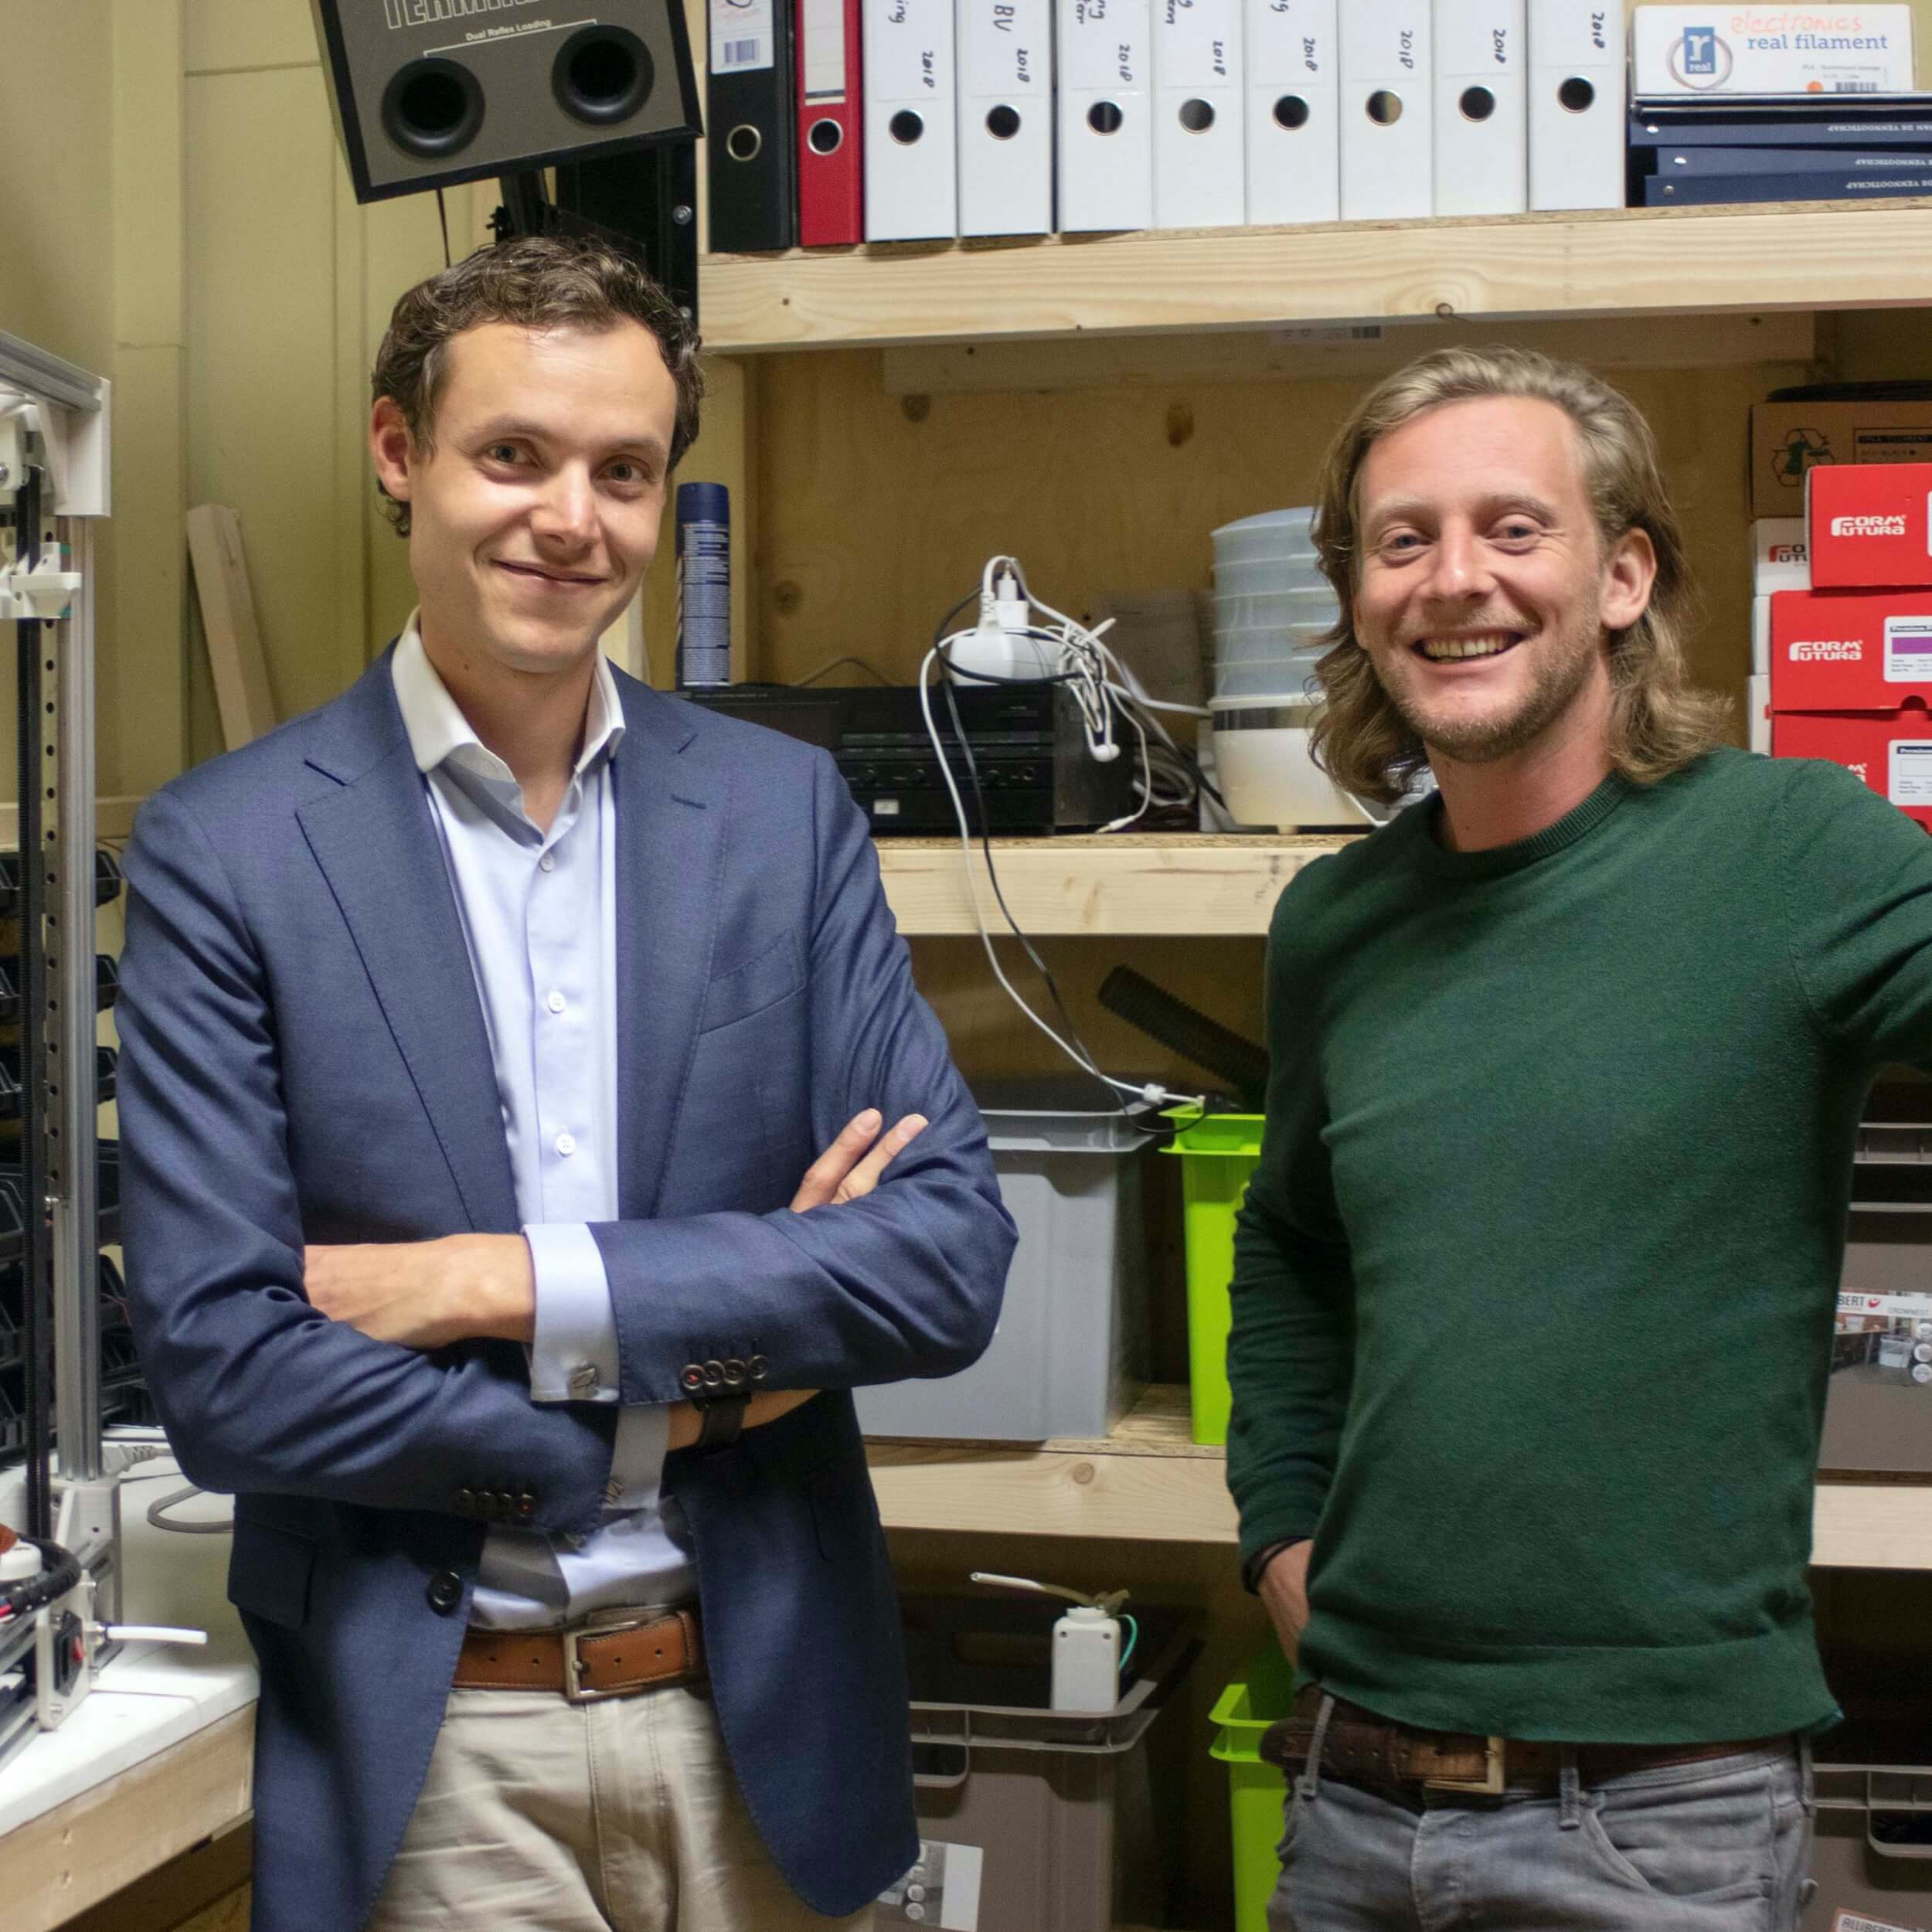 """Veda 3D Printing is opgericht door Martijn Korevaar en Jelle Hoekstra: """"Ons doel is om de snelste, meest betrouwbare en betaalbare FDM 3D printer te bouwen."""""""